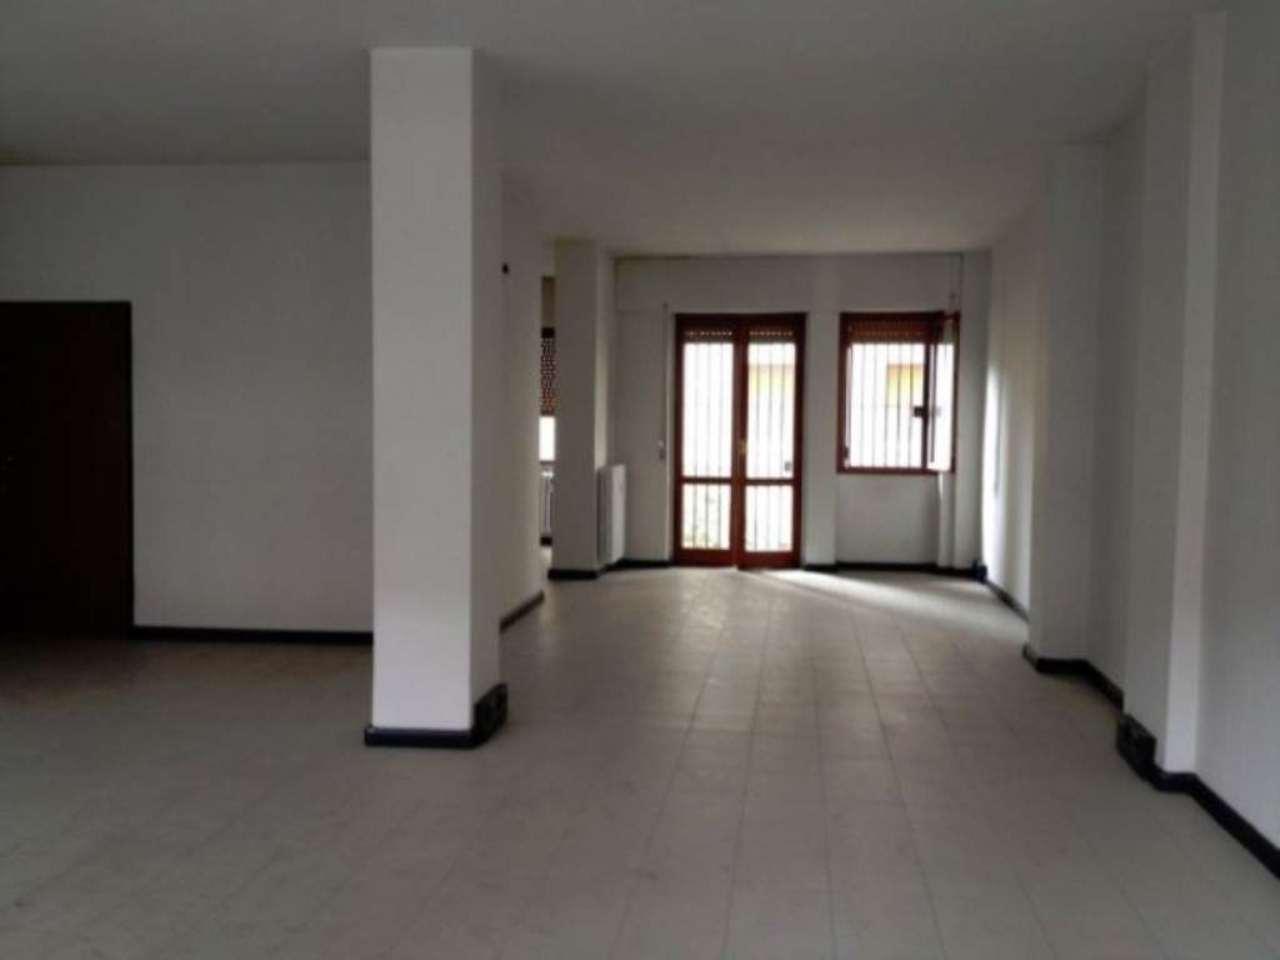 Ufficio-studio in Vendita a Gallarate Centro: 4 locali, 220 mq